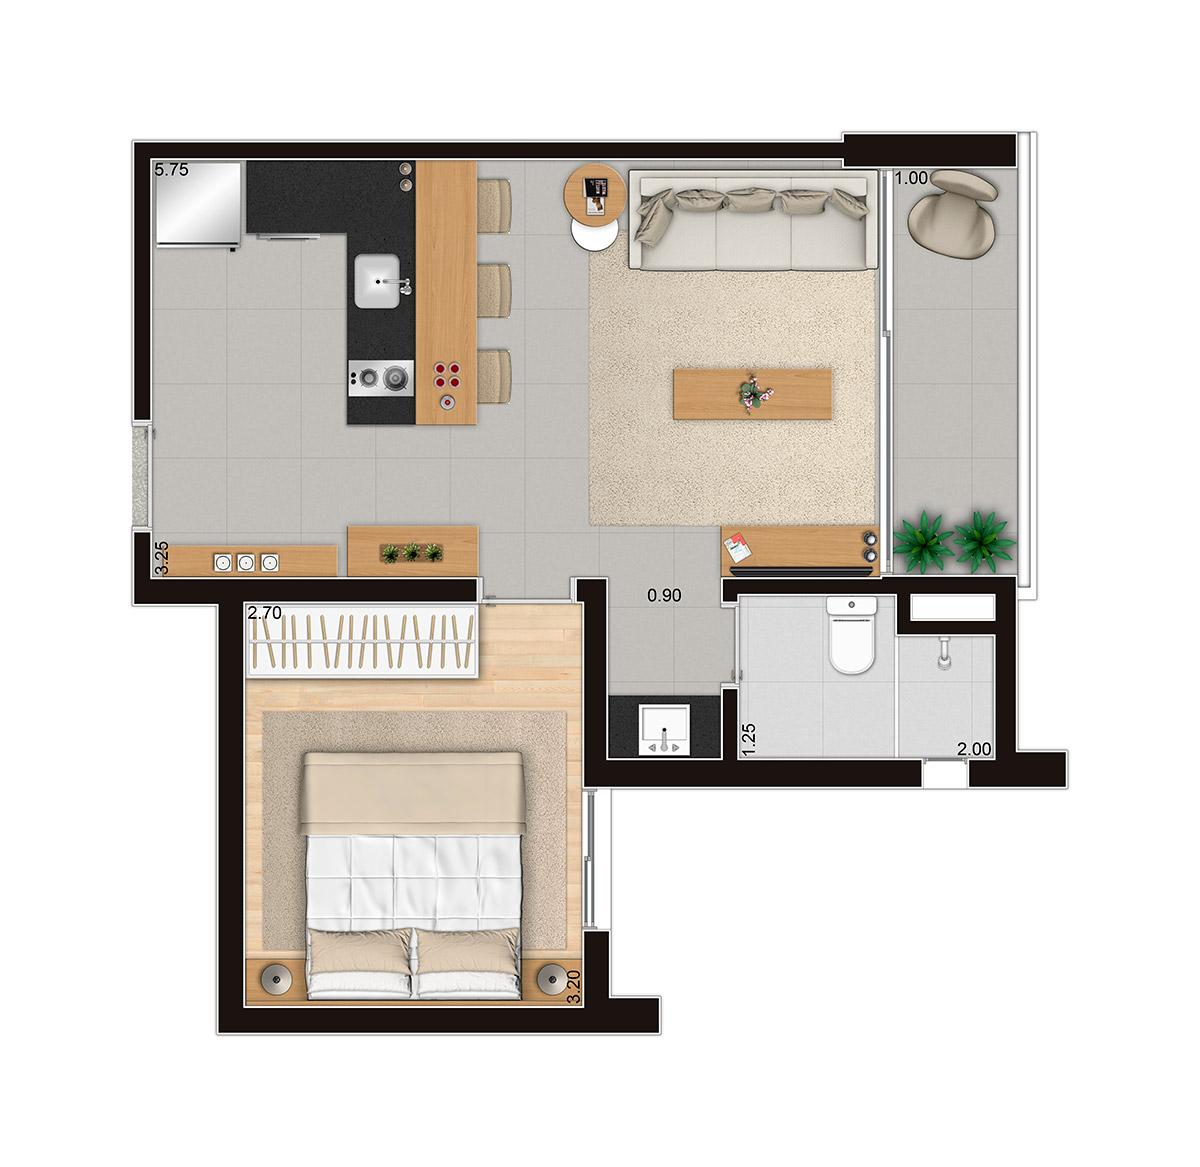 D'House Hospedagem - 1 Dorm.